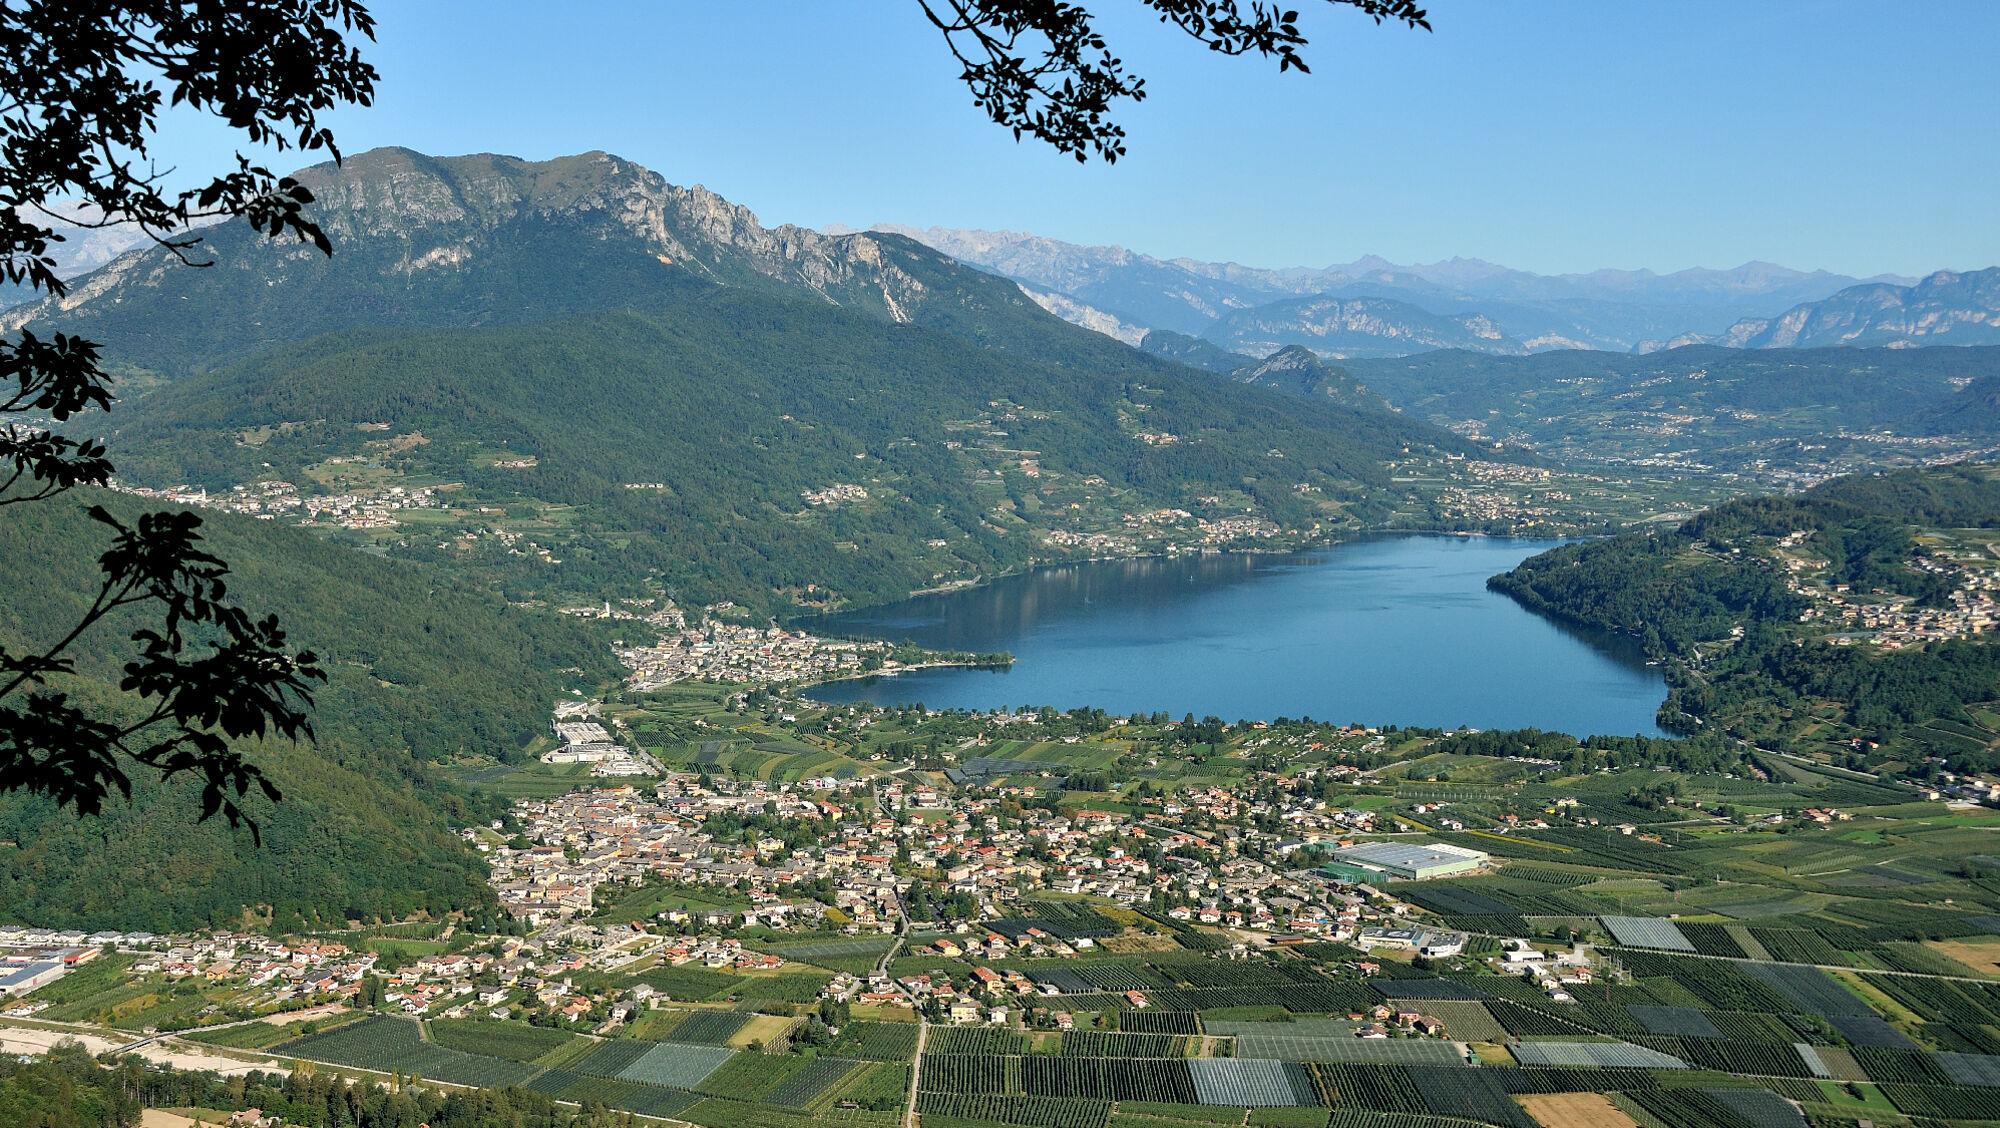 Blick von oben auf den Caldonazzosee